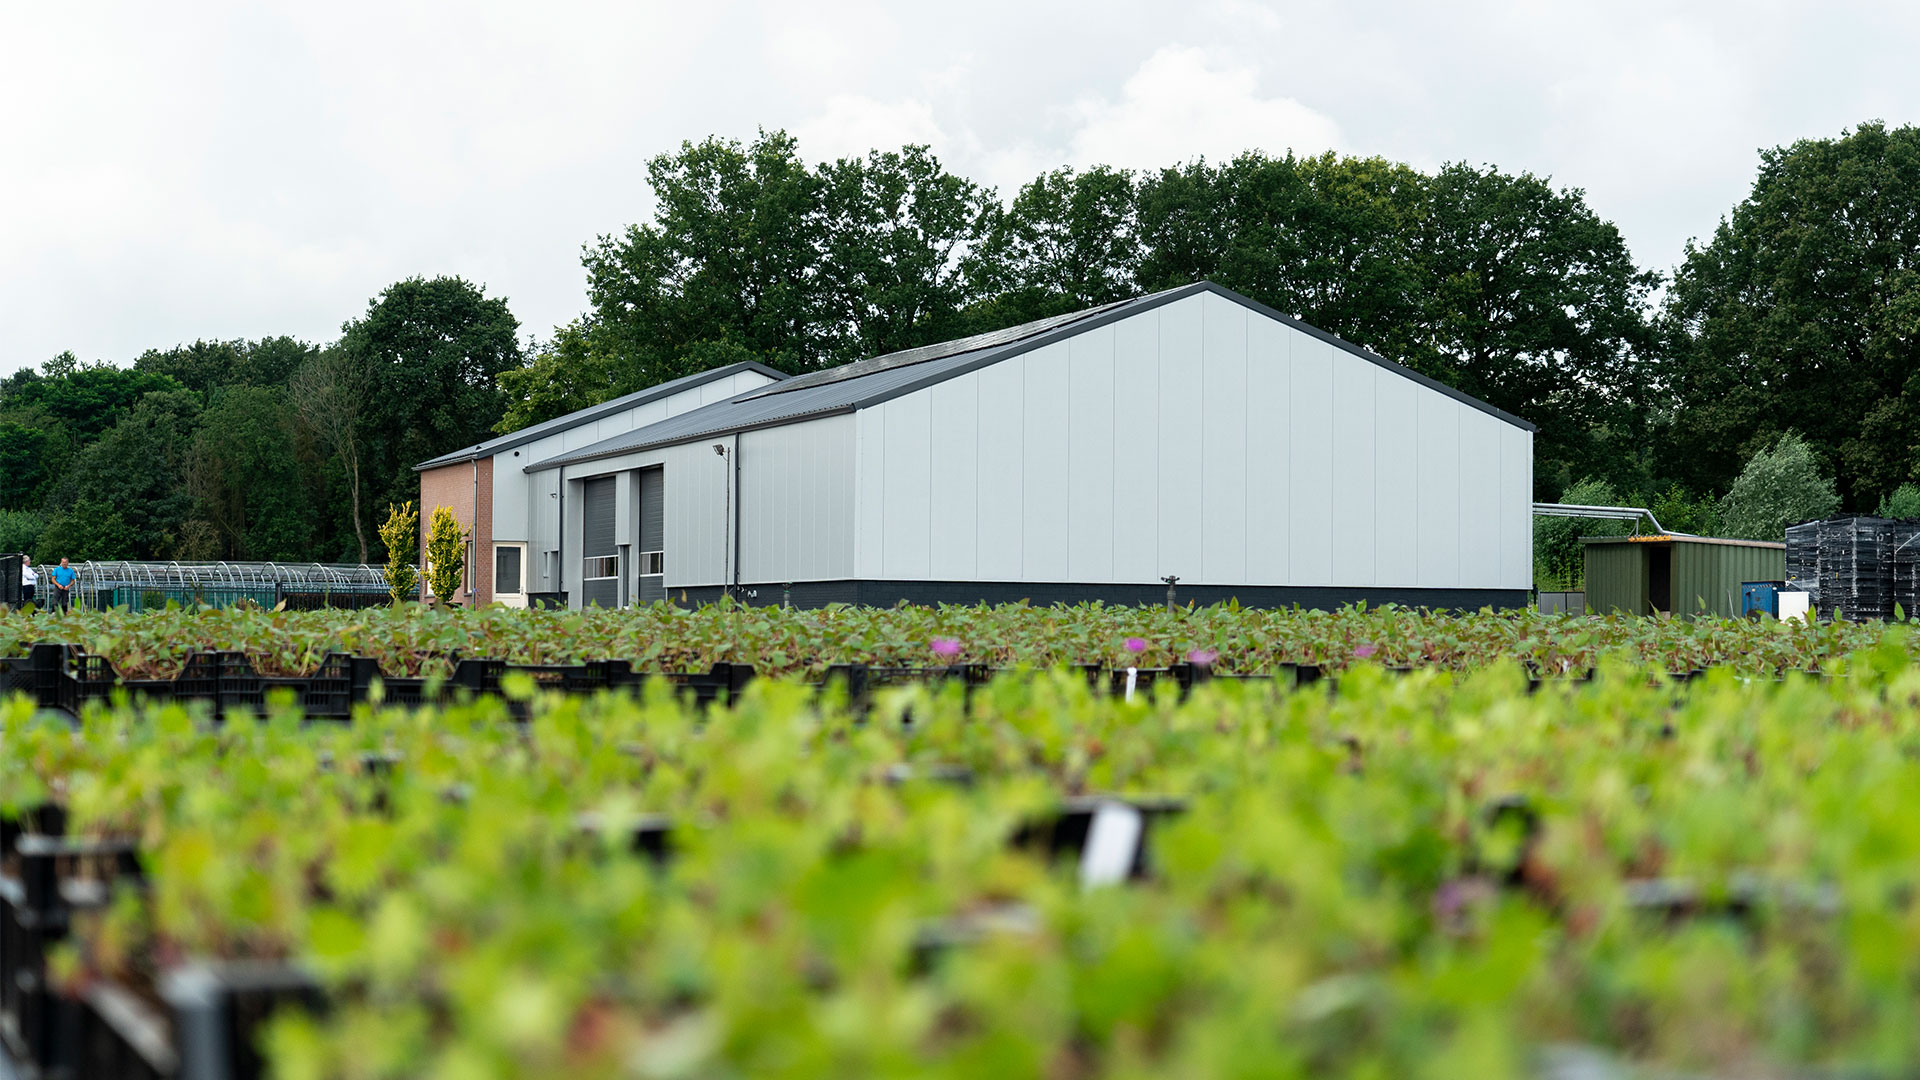 De-Meijer-Staalbouw-De-Noordhoek-Vaste-Planten-BV-schijf-4